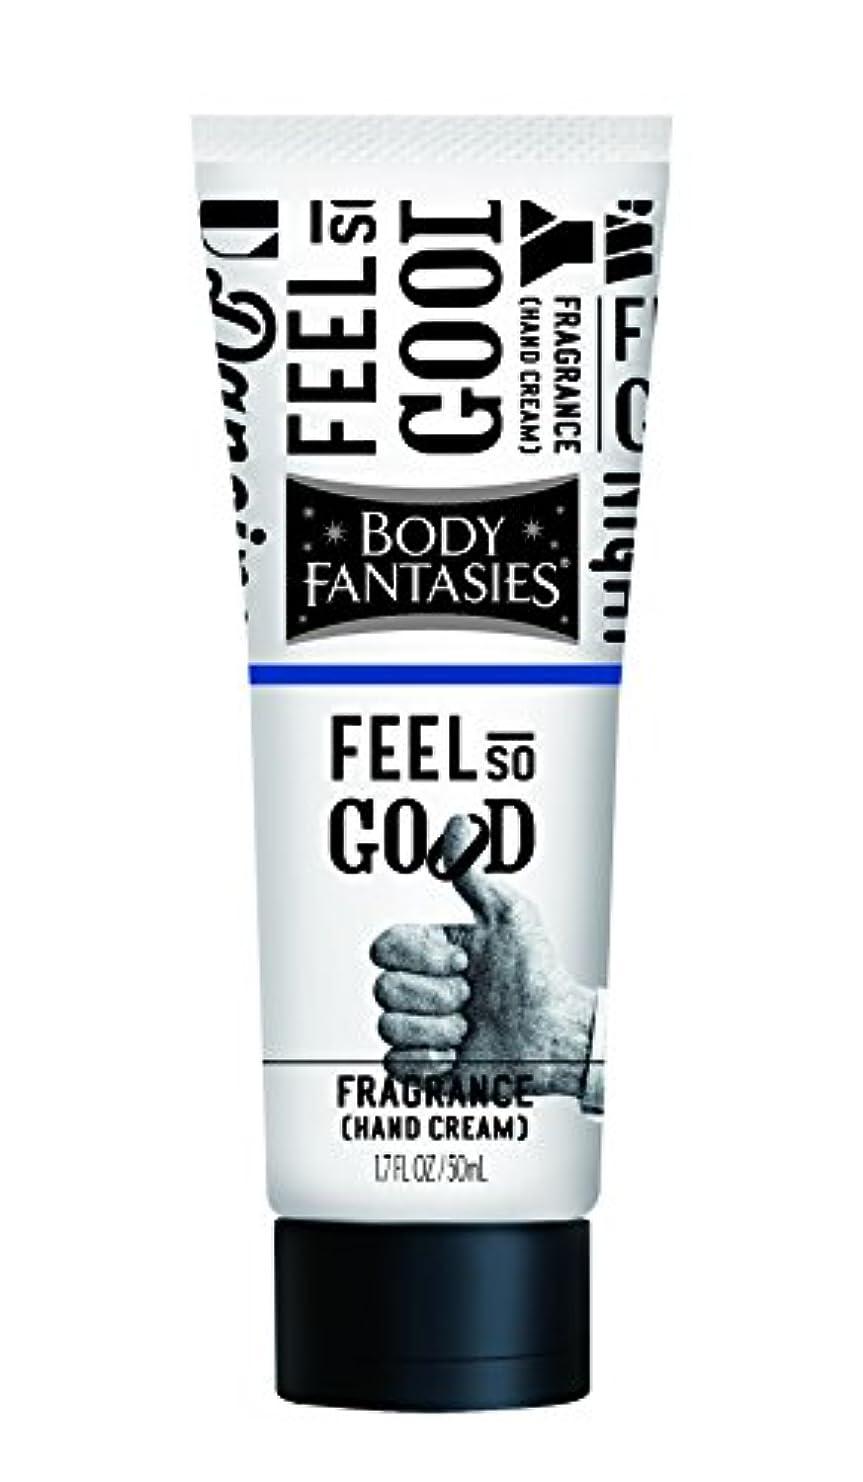 マージ靴コインボディファンタジー フレグランスハンドクリーム フィール ソー グッド FEEL SO GOOD 50ml